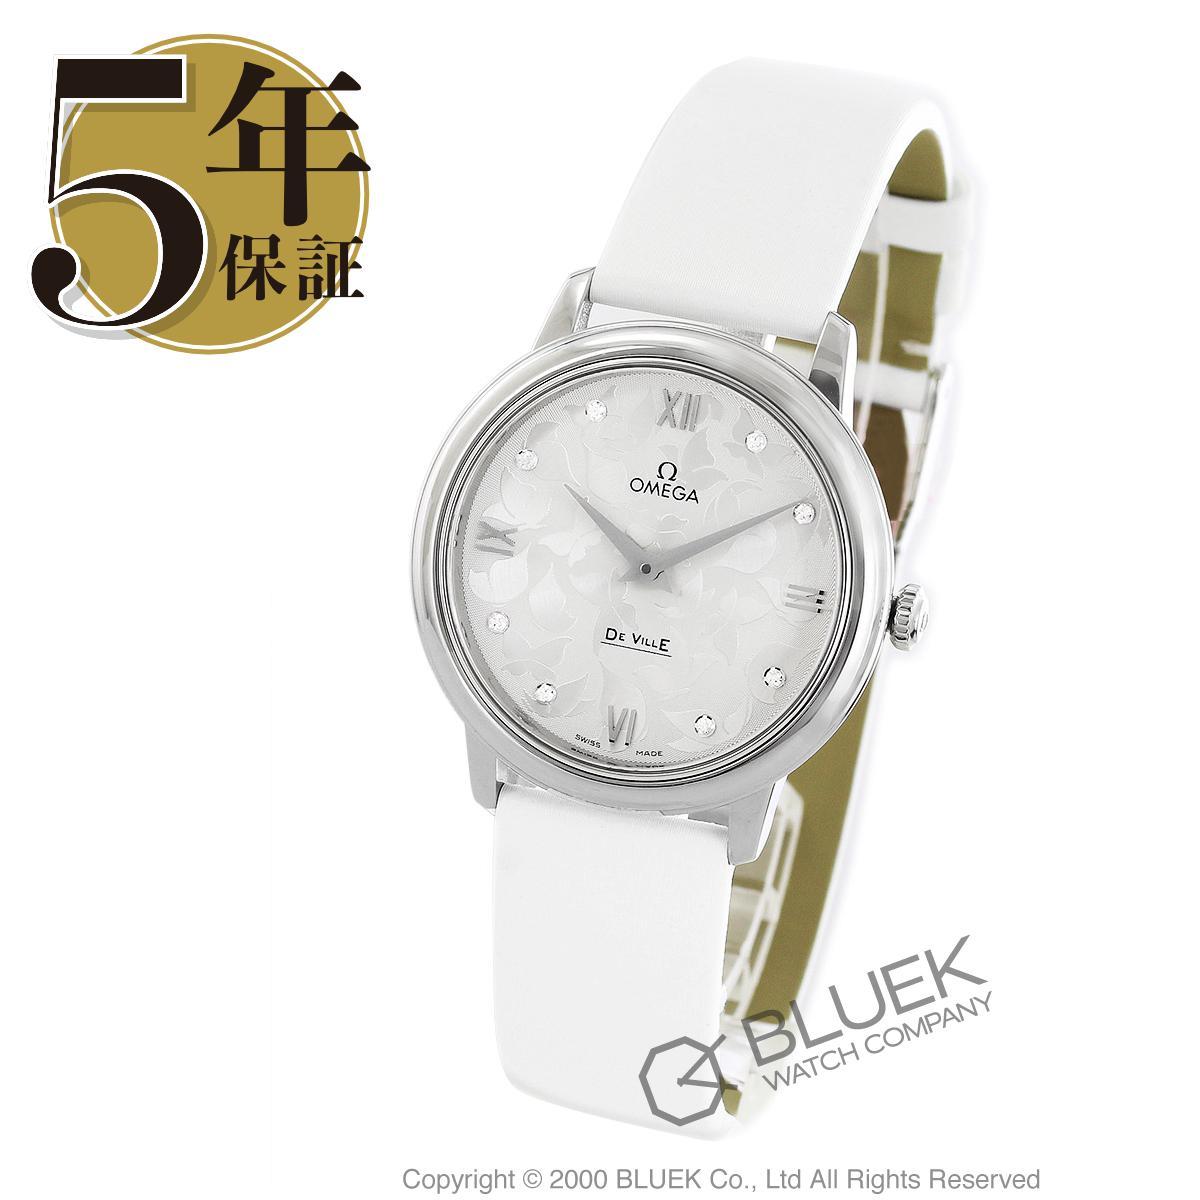 オメガ デビル プレステージ バタフライ ダイヤ サテンレザー 腕時計 レディース OMEGA 424.12.33.60.52.001_5